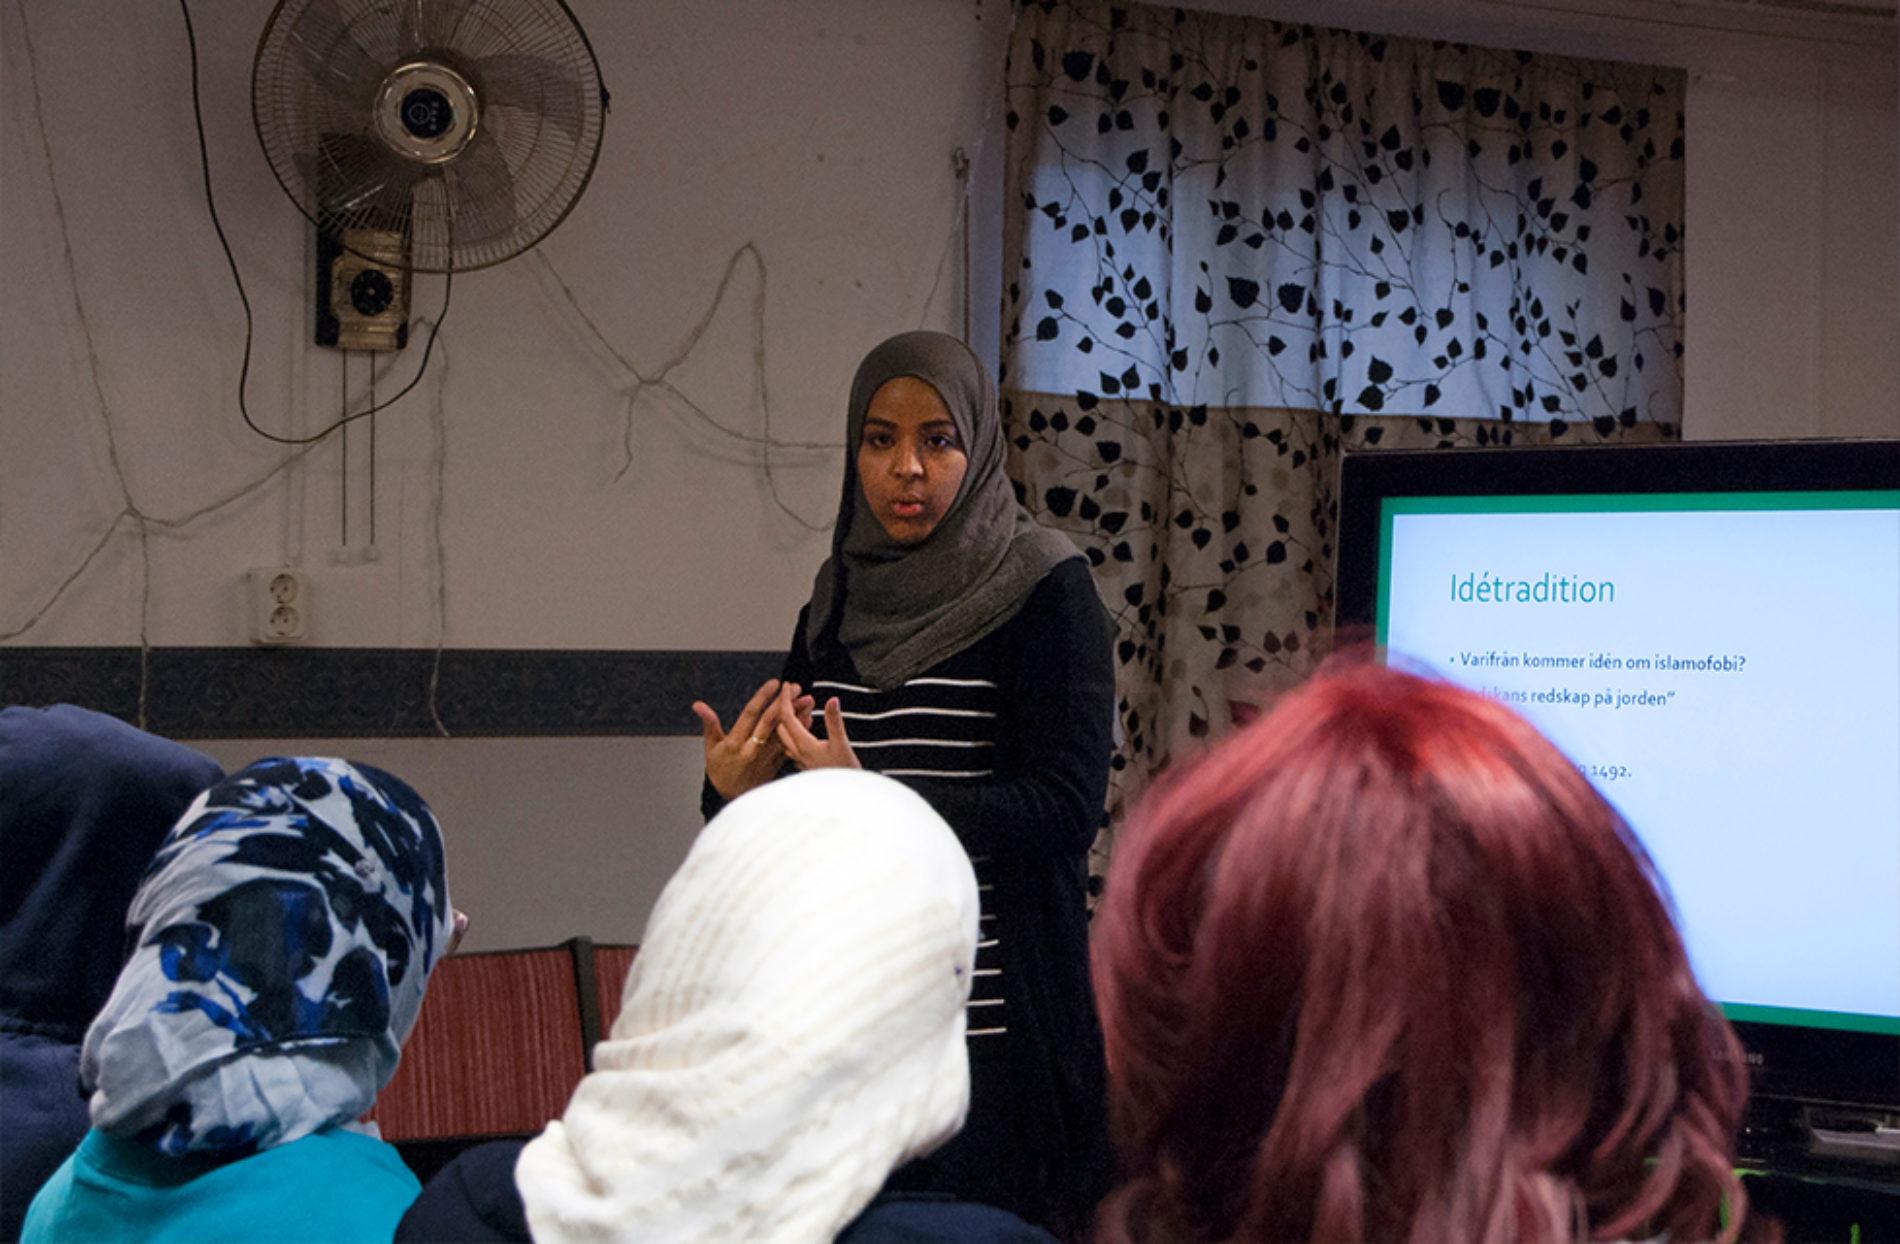 Islamofobi bekämpas med kunskap